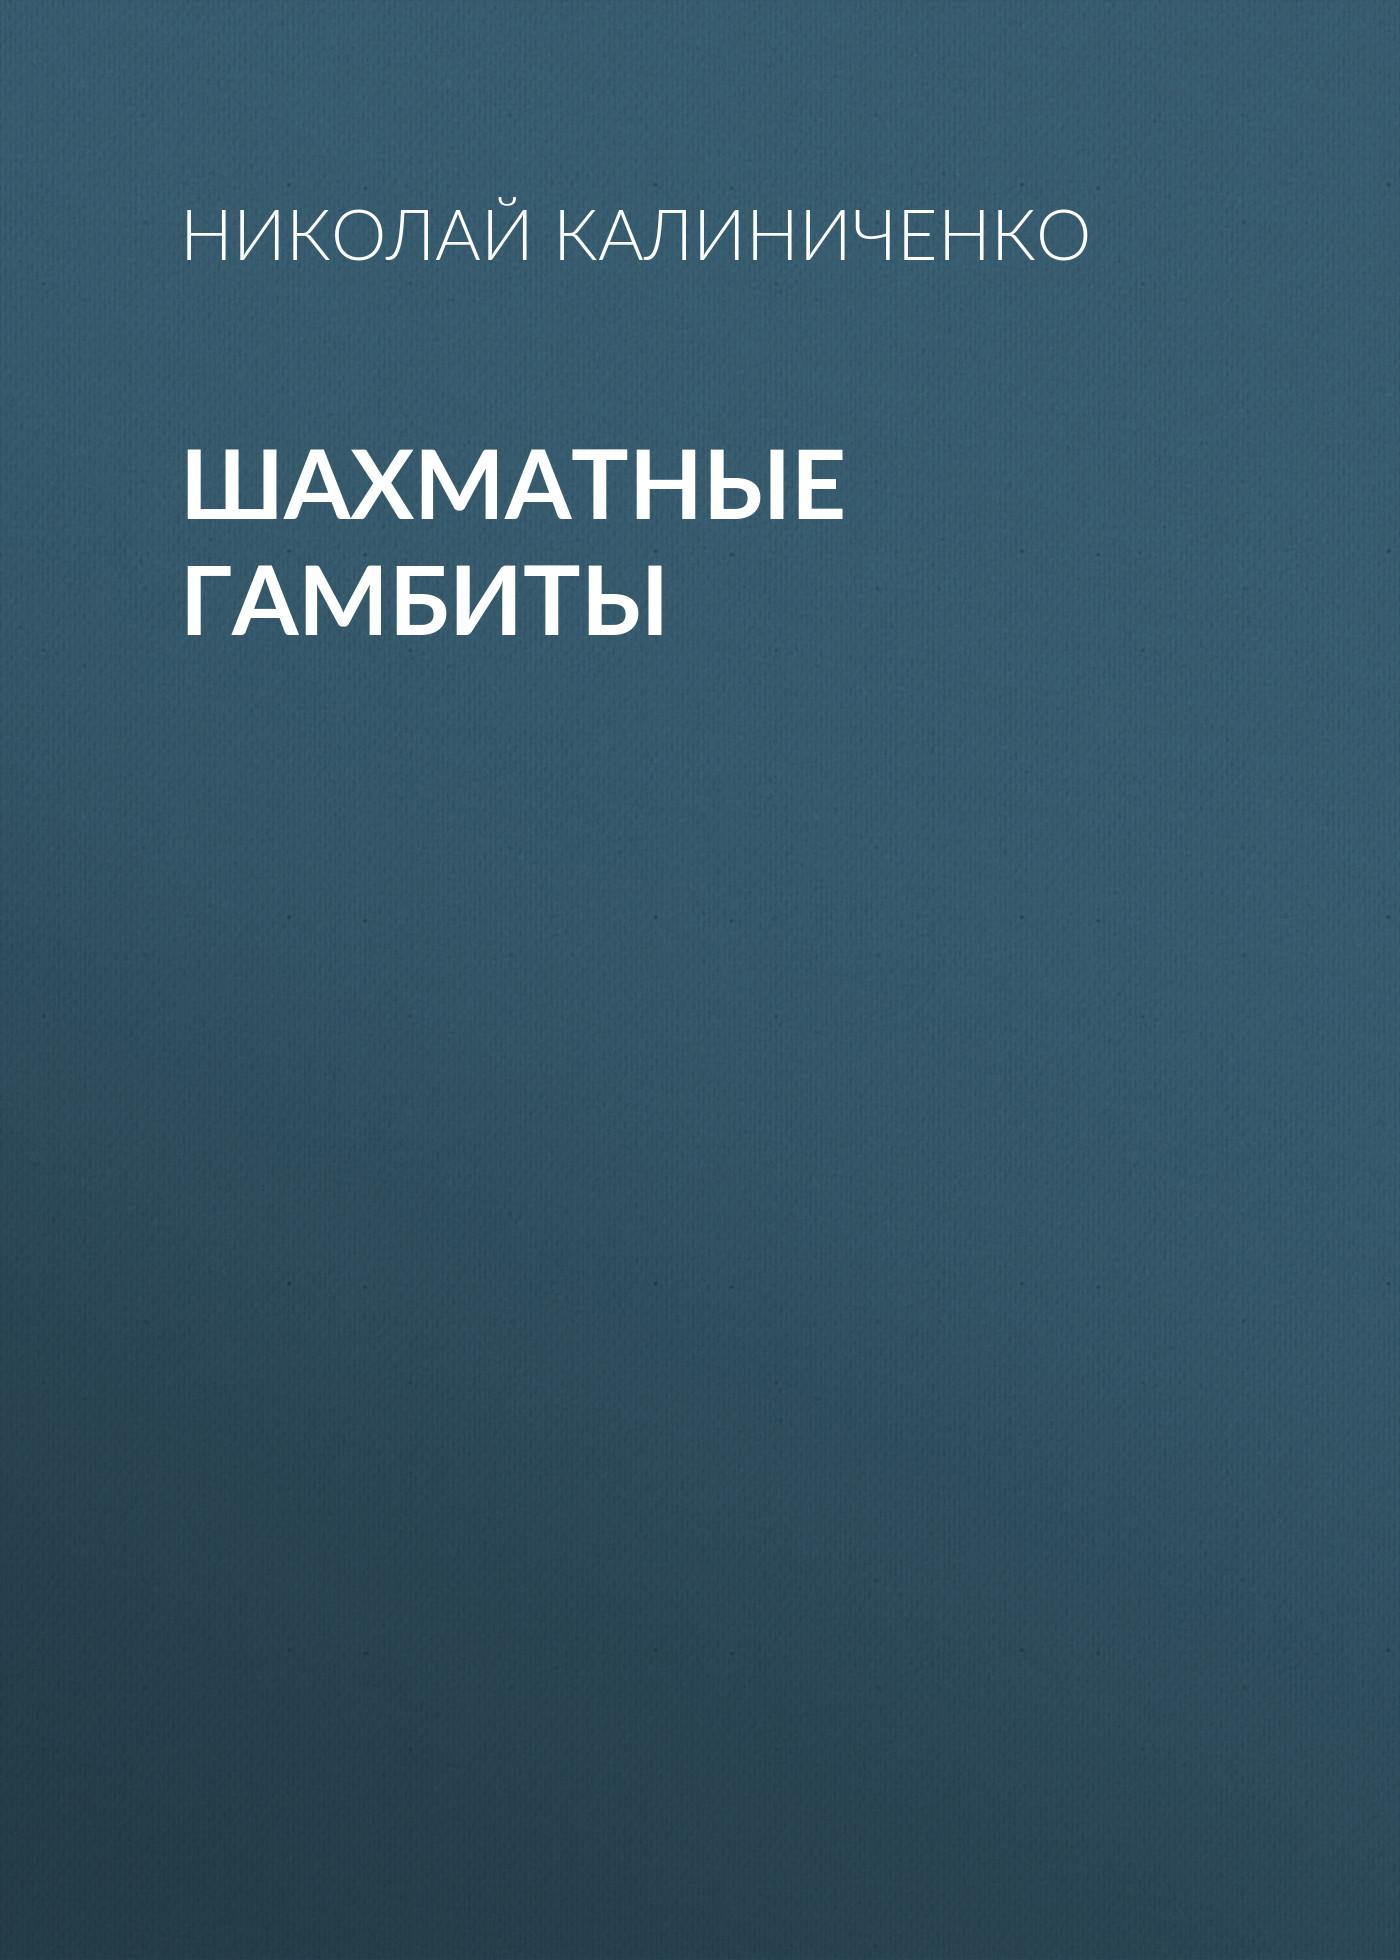 Николай Калиниченко Шахматные гамбиты